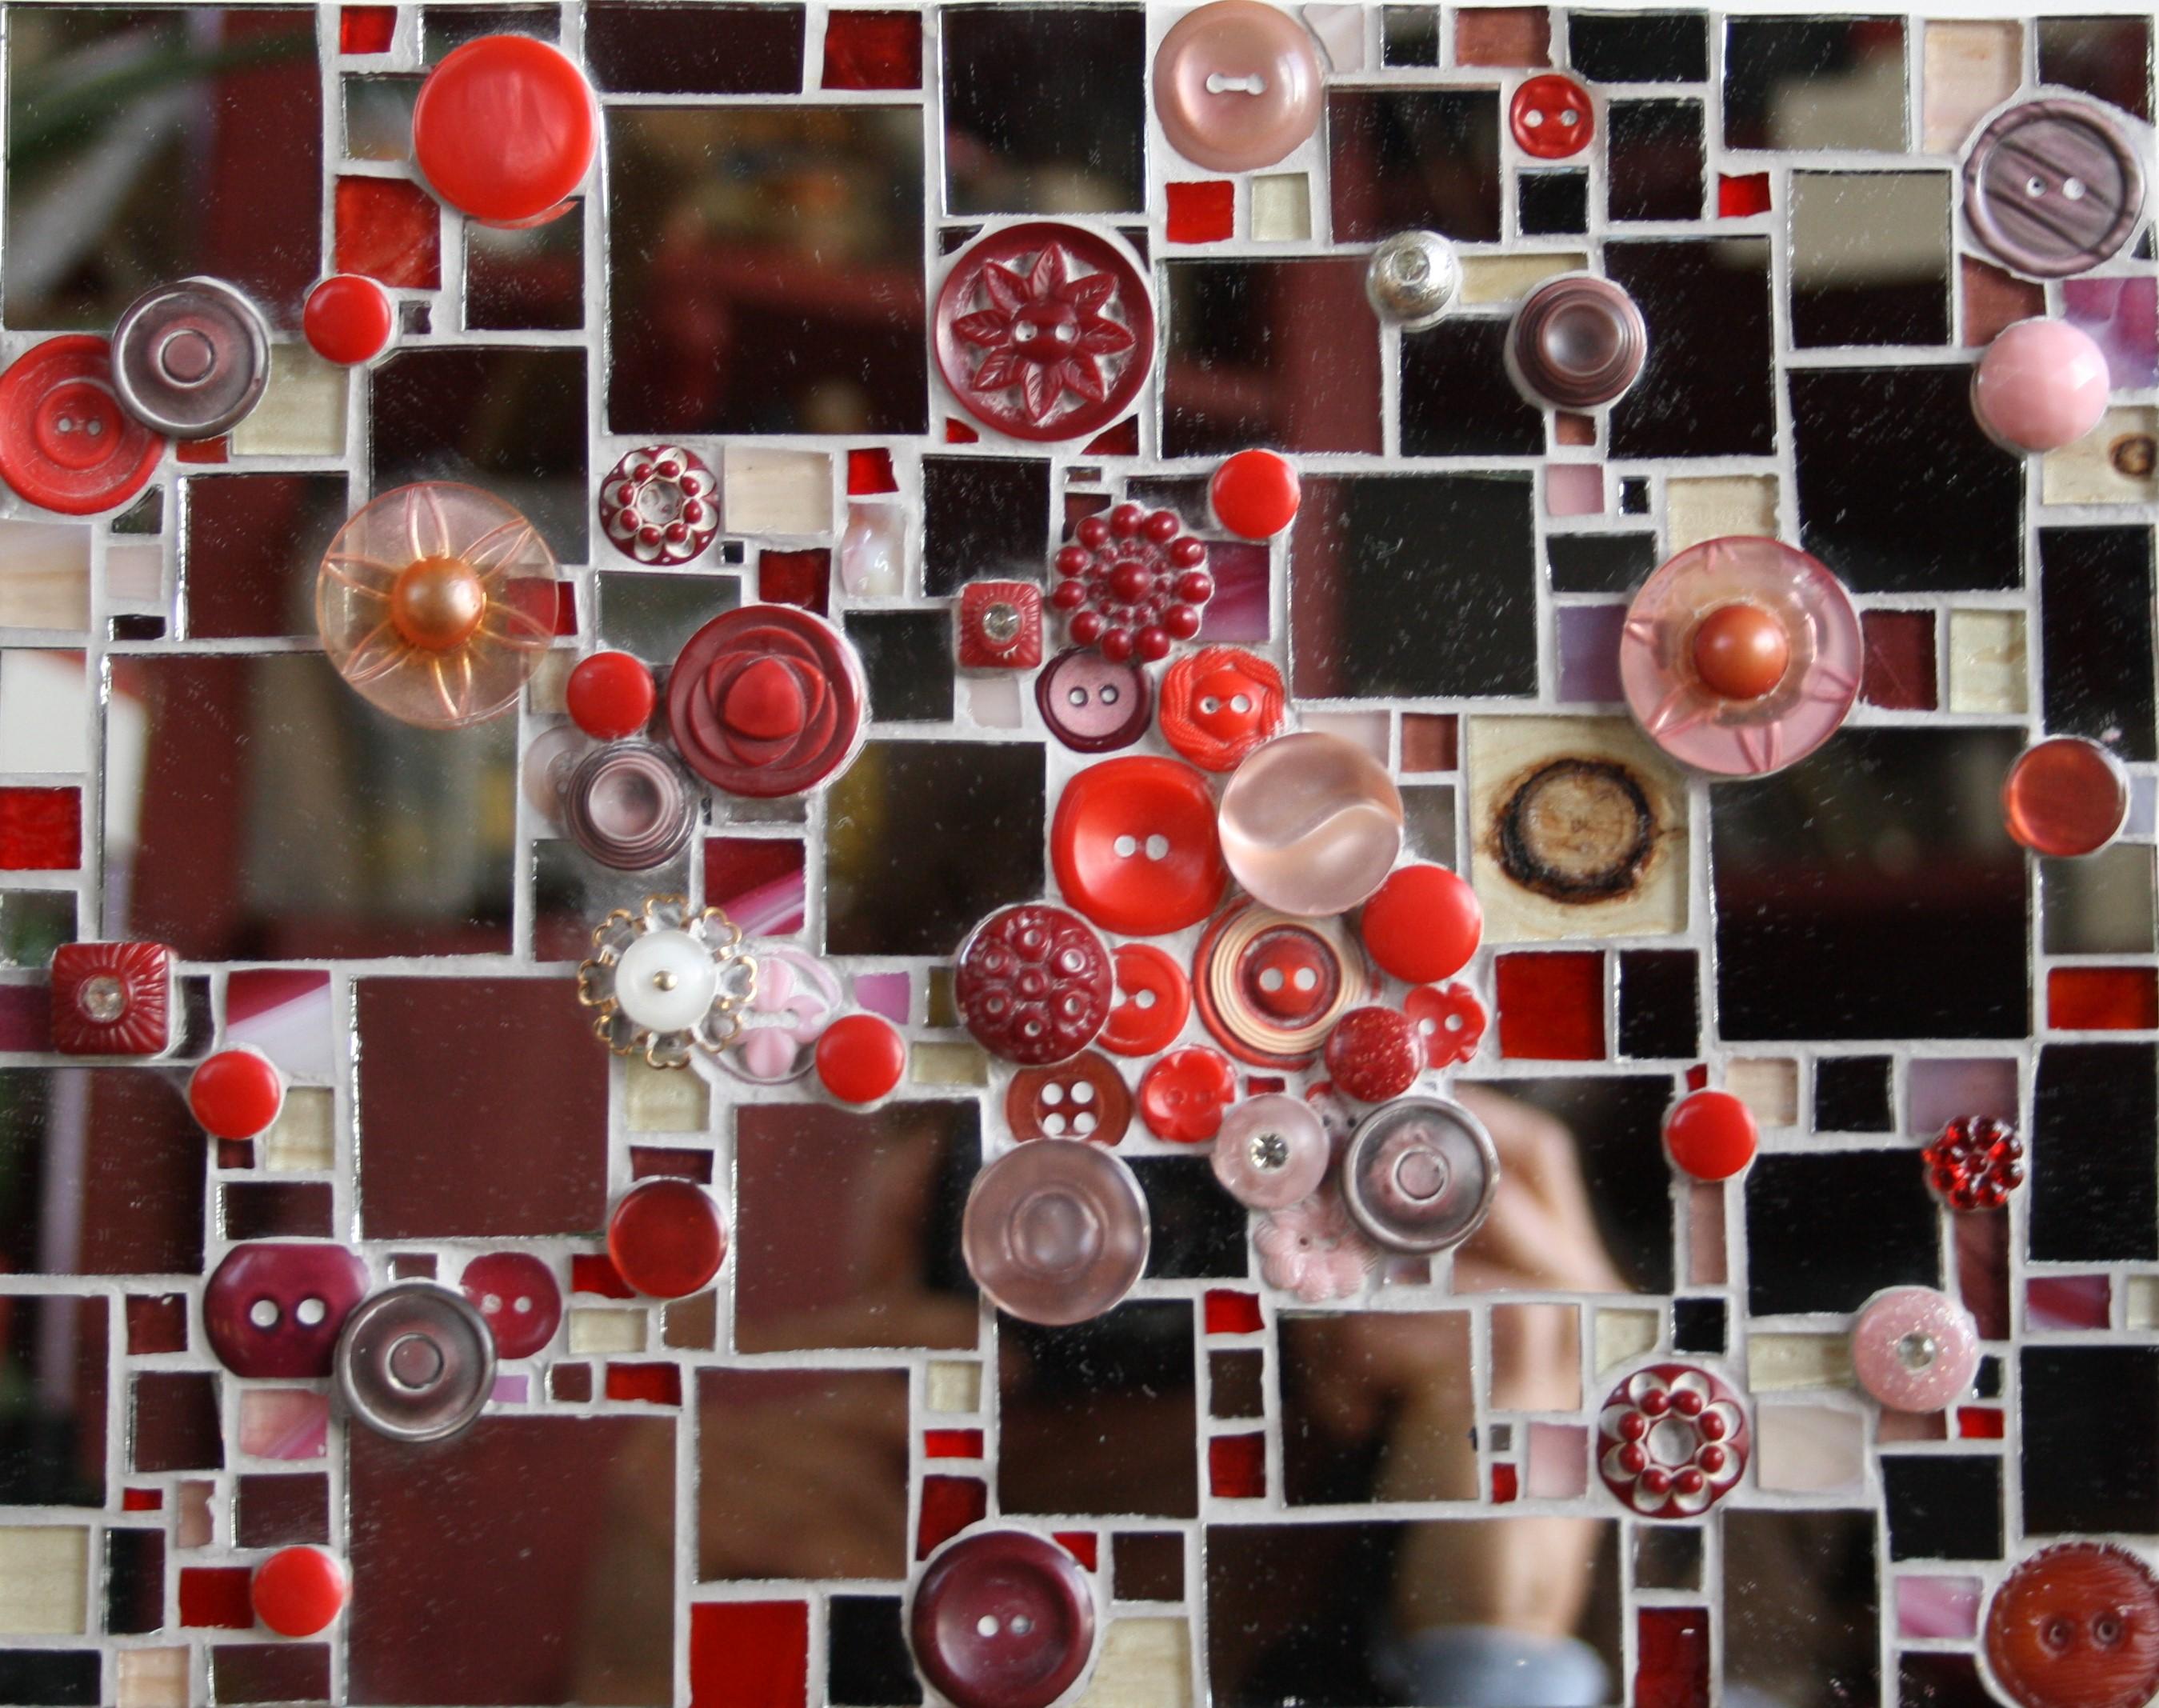 Miroir et boutons rouges